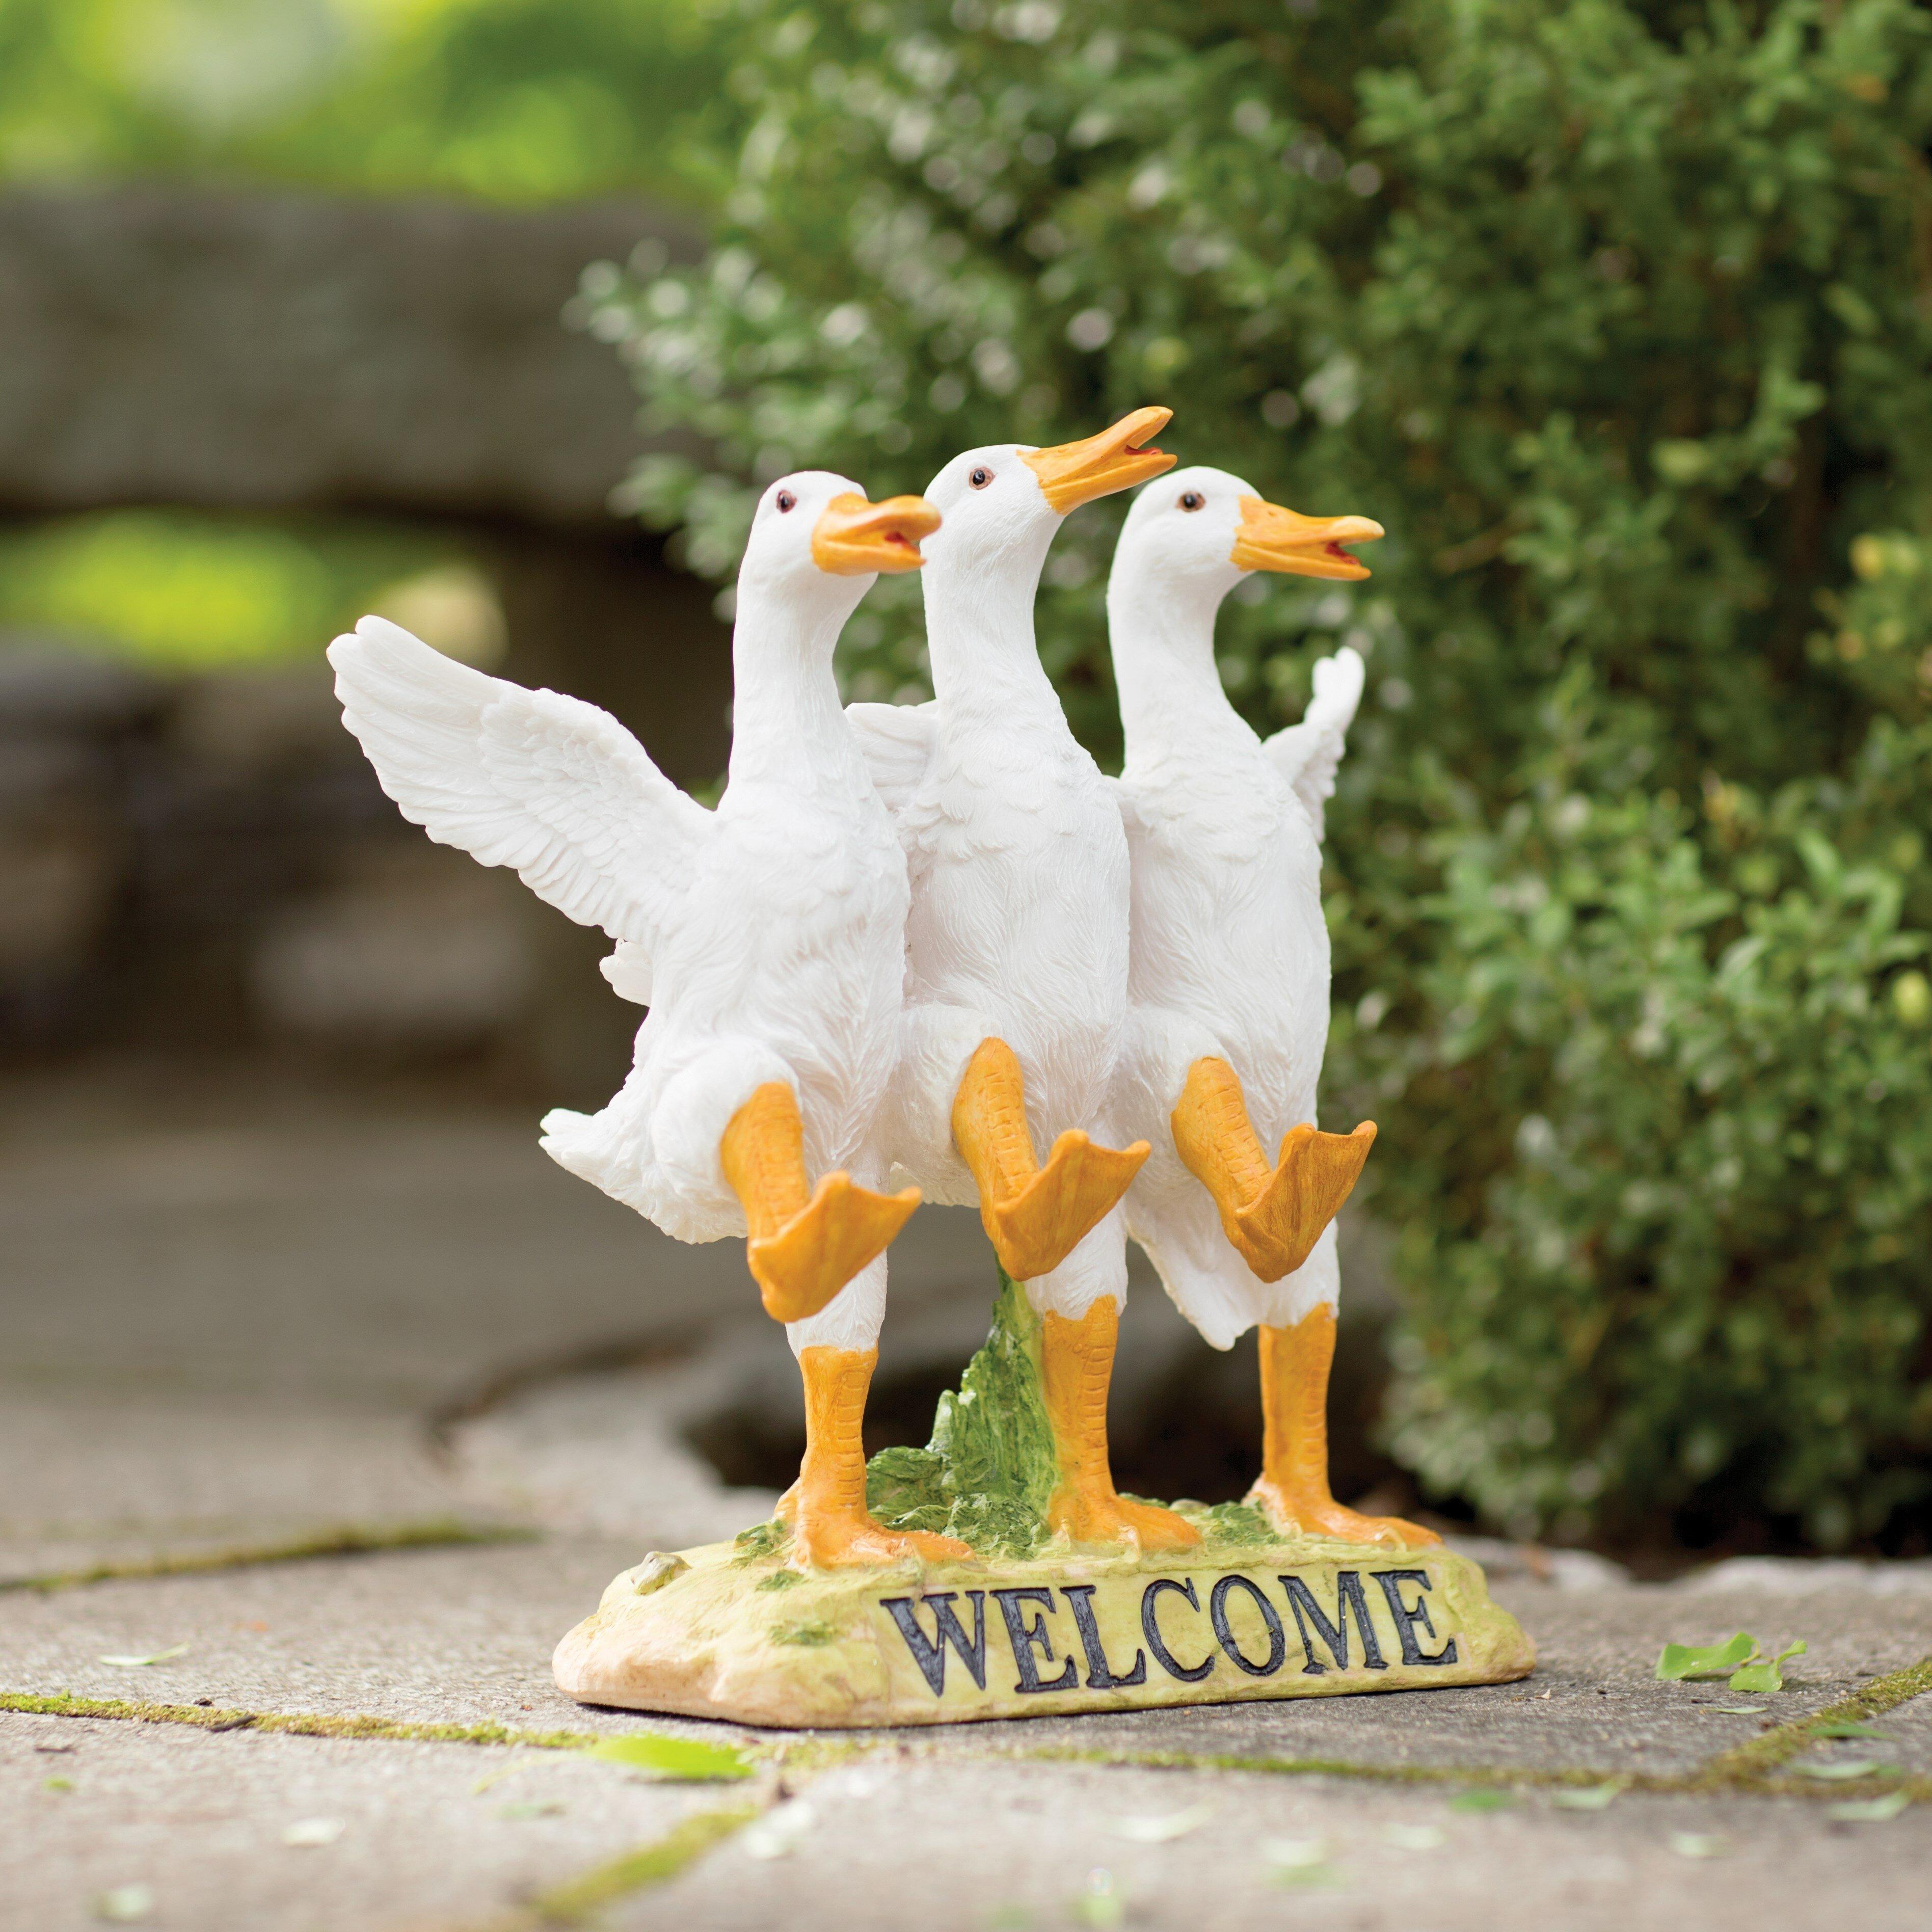 Design Toscano Delightful Dancing Ducks Welcome Garden Statue U0026 Reviews |  Wayfair